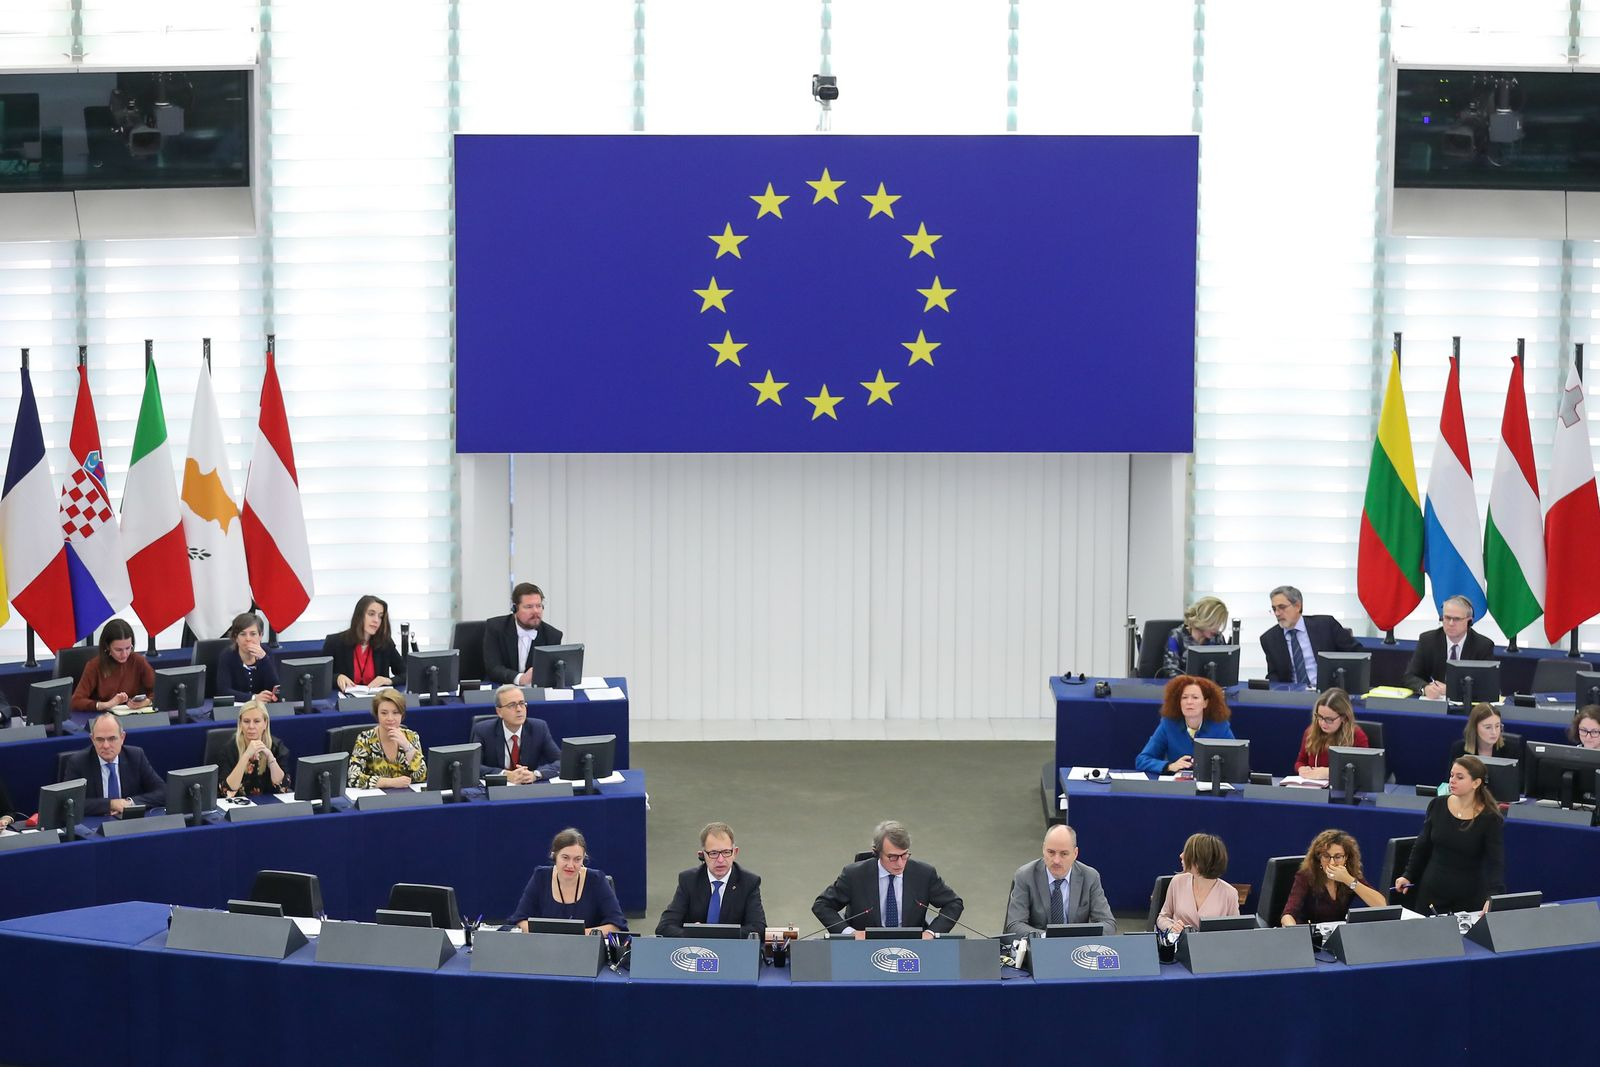 Sitzung Europäisches Parlament - Wahl EU-Kommission